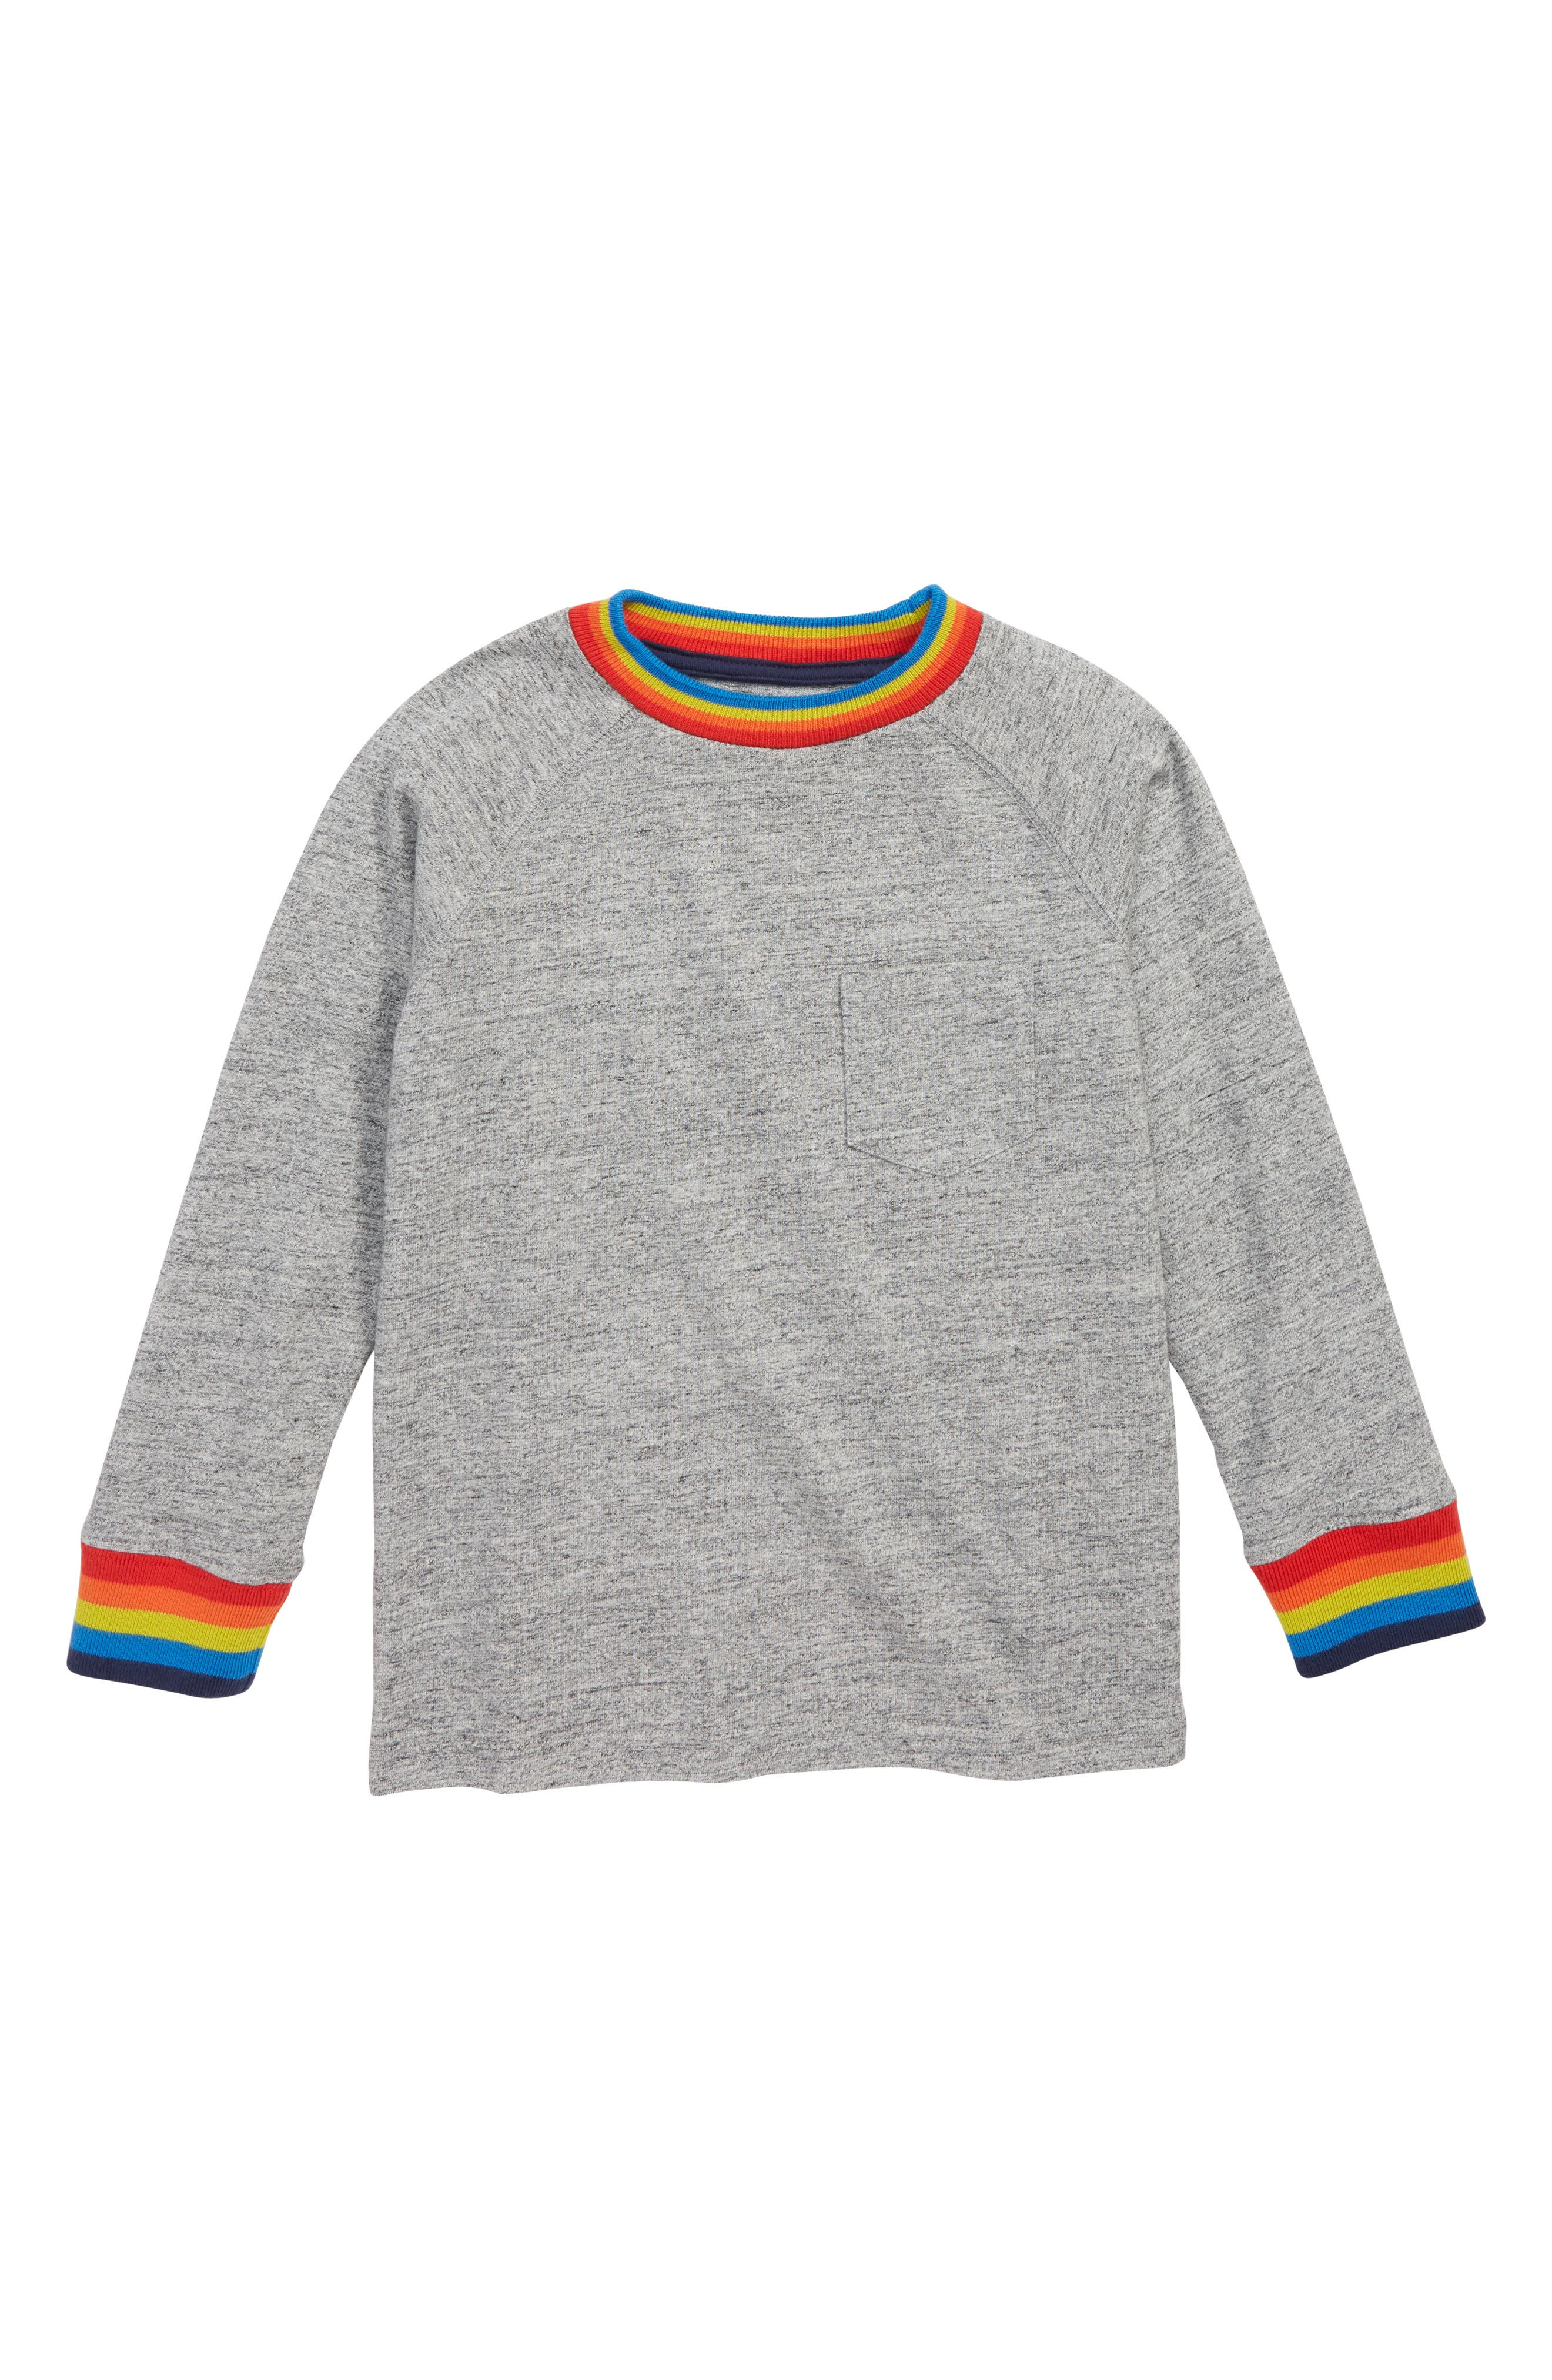 Boys Mini Boden Stripe Raglan Sweatshirt Size 67Y  Grey